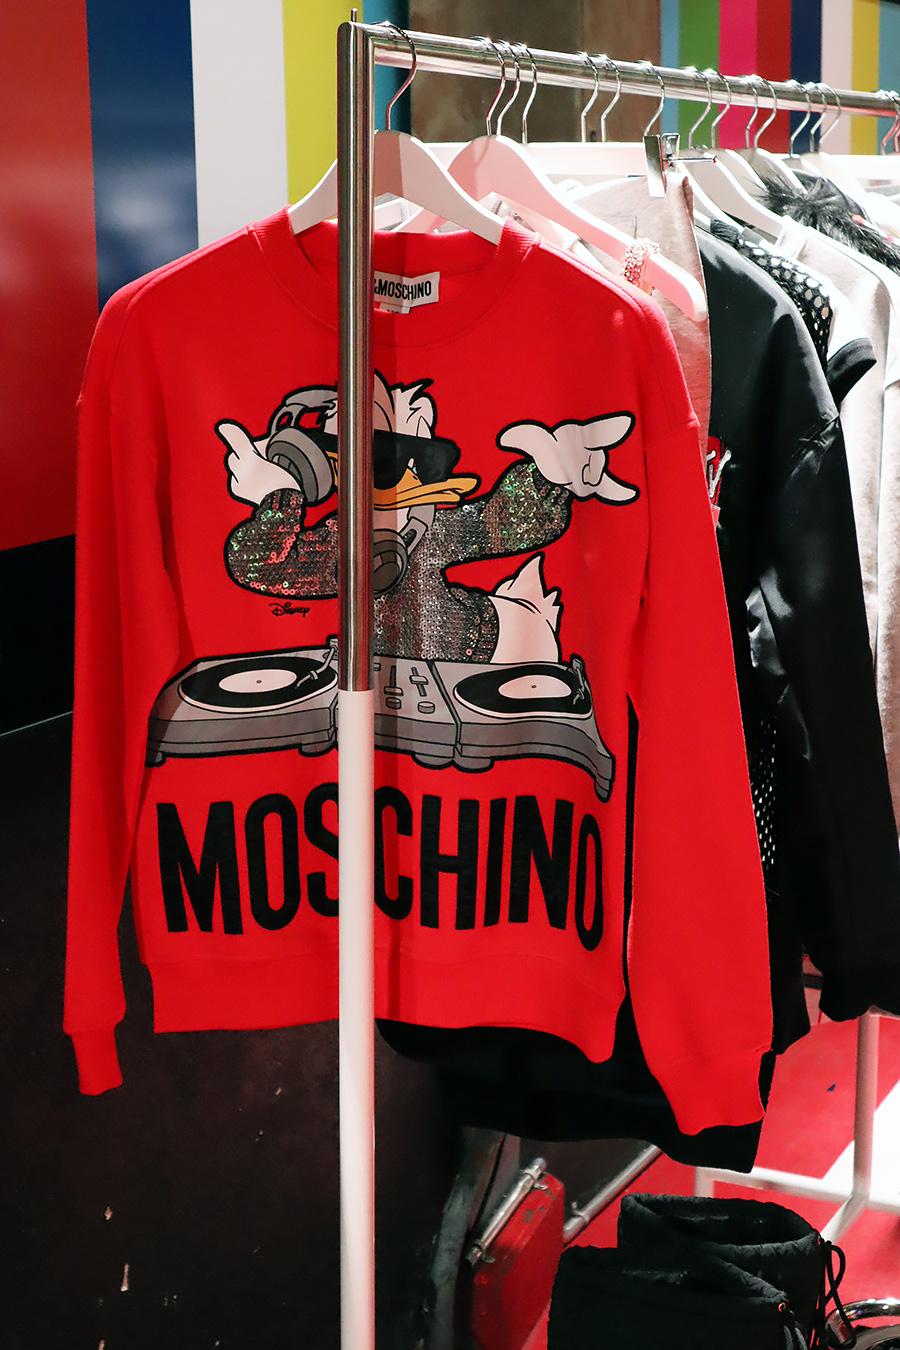 H&Moschino 1